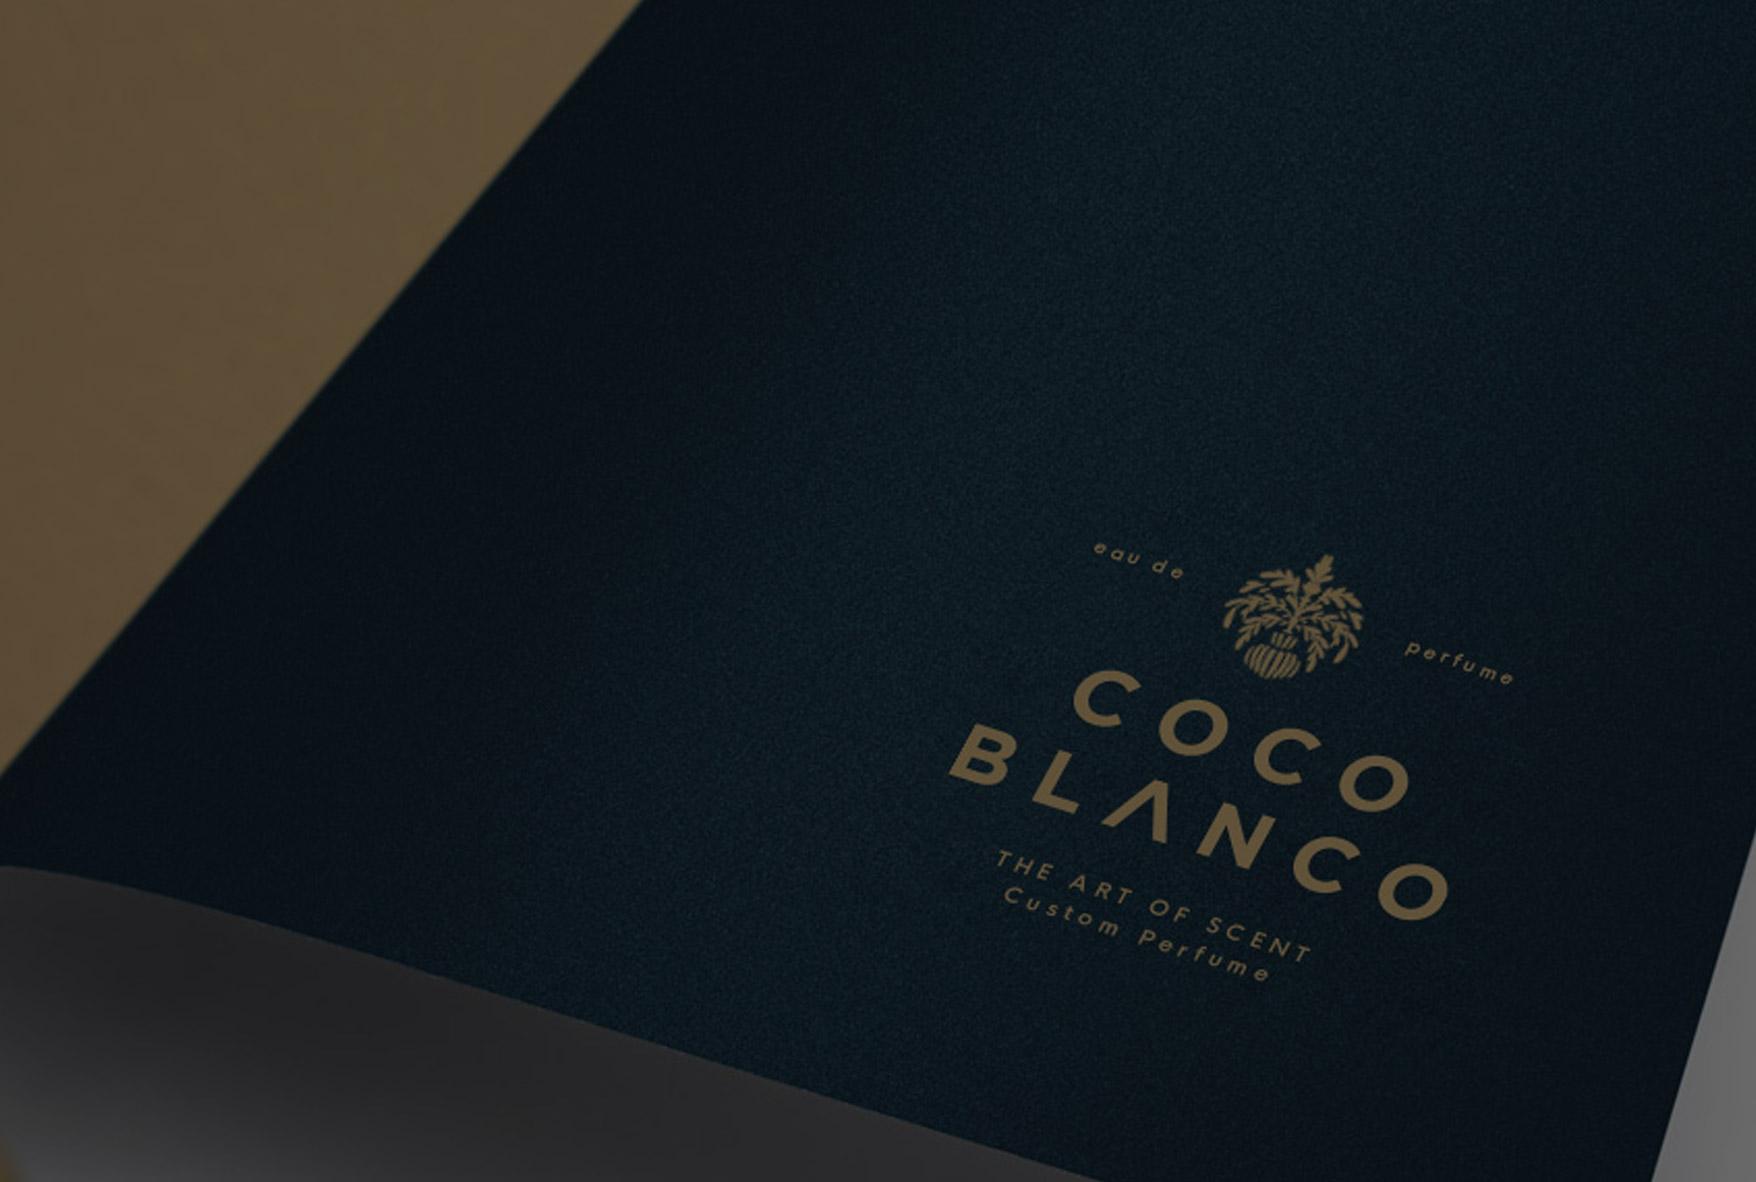 로고 디자인, 패키지 디자인 개발, 브랜드 컨설팅